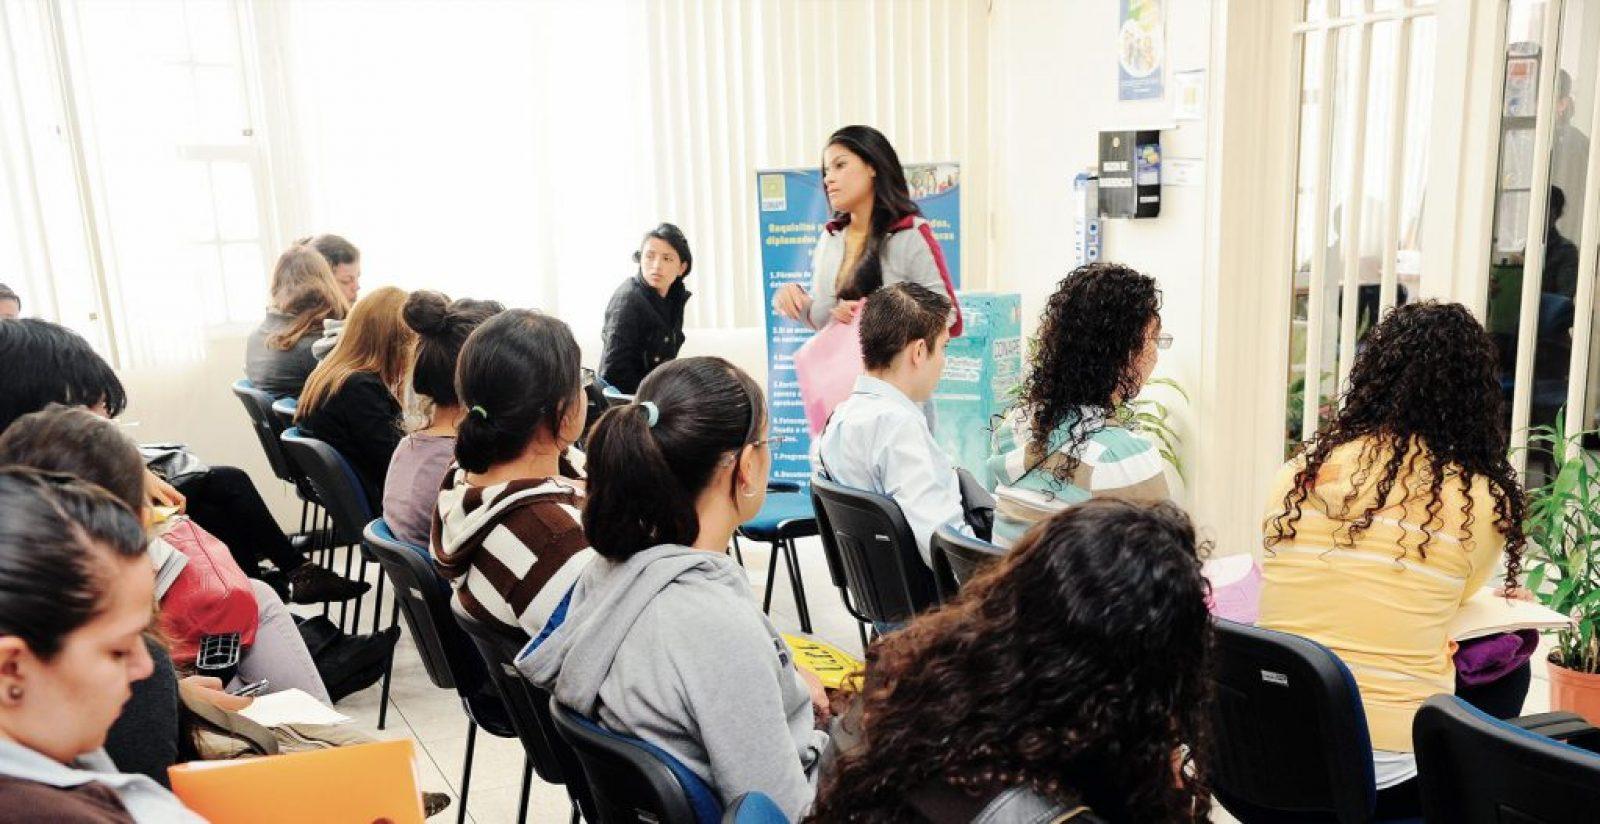 La Educación Superior como parte del sistema educativo en América Latina y el Caribe